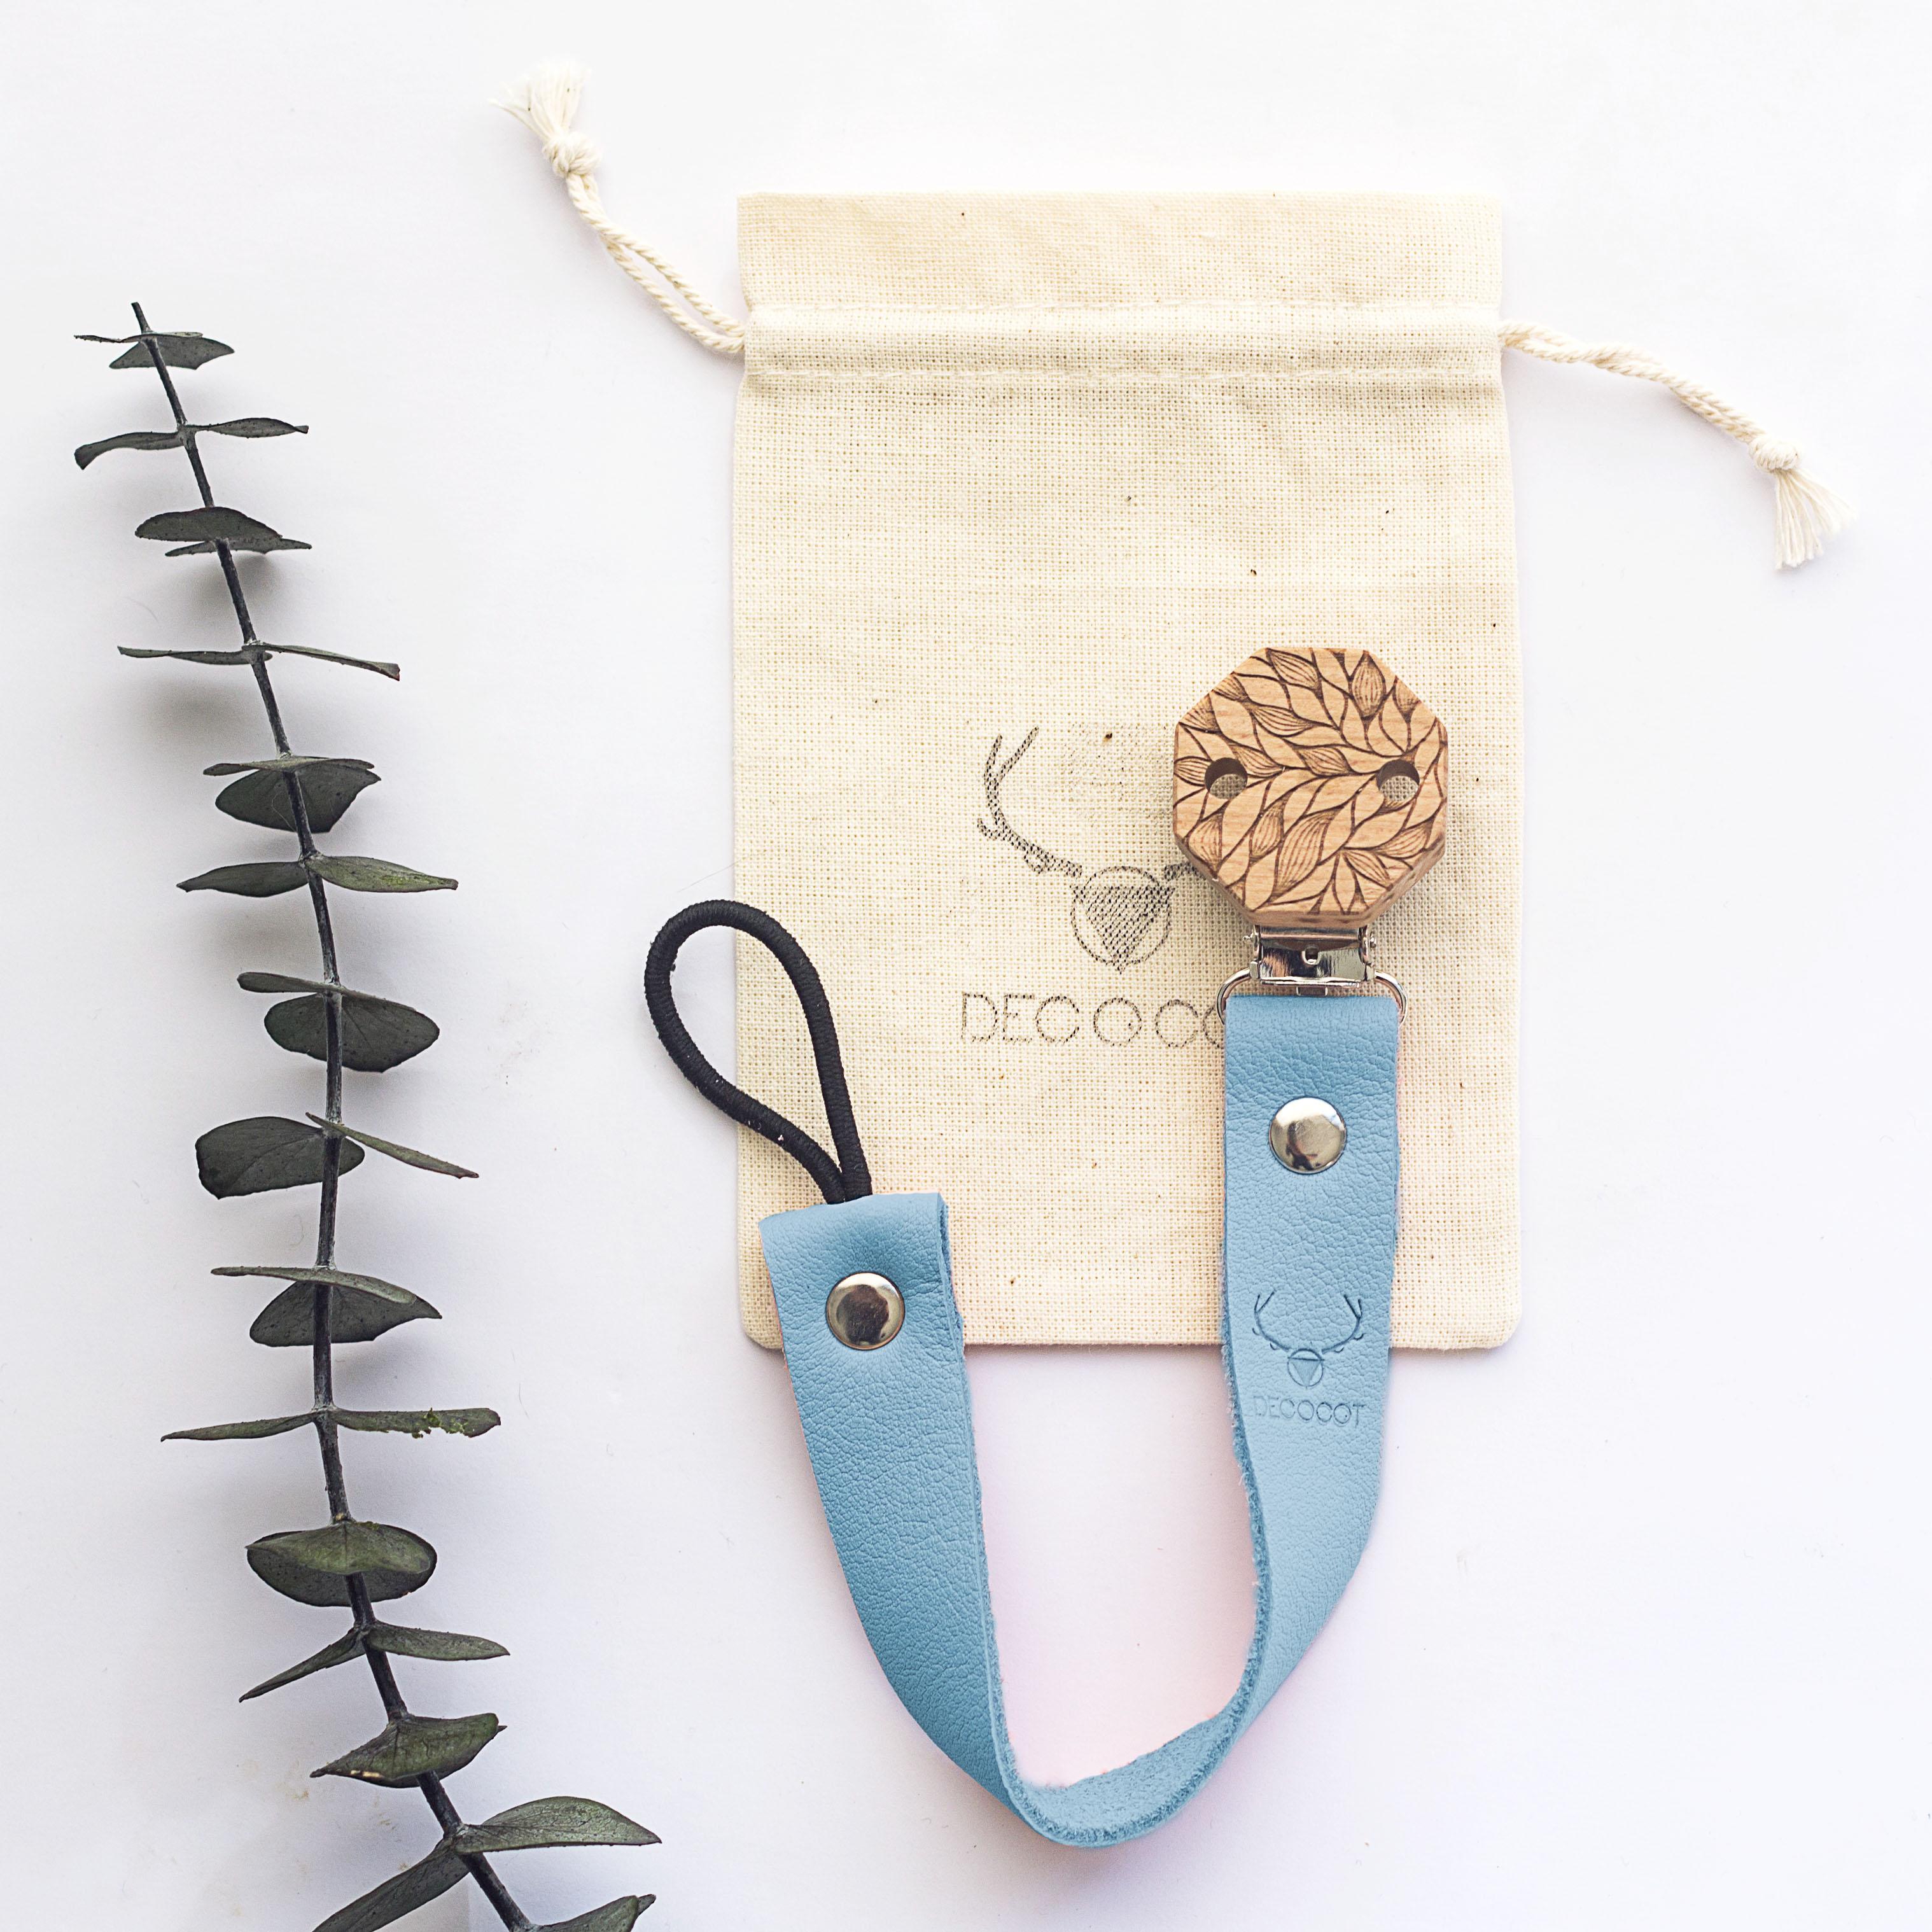 accroche tetine bleu écologique decocot